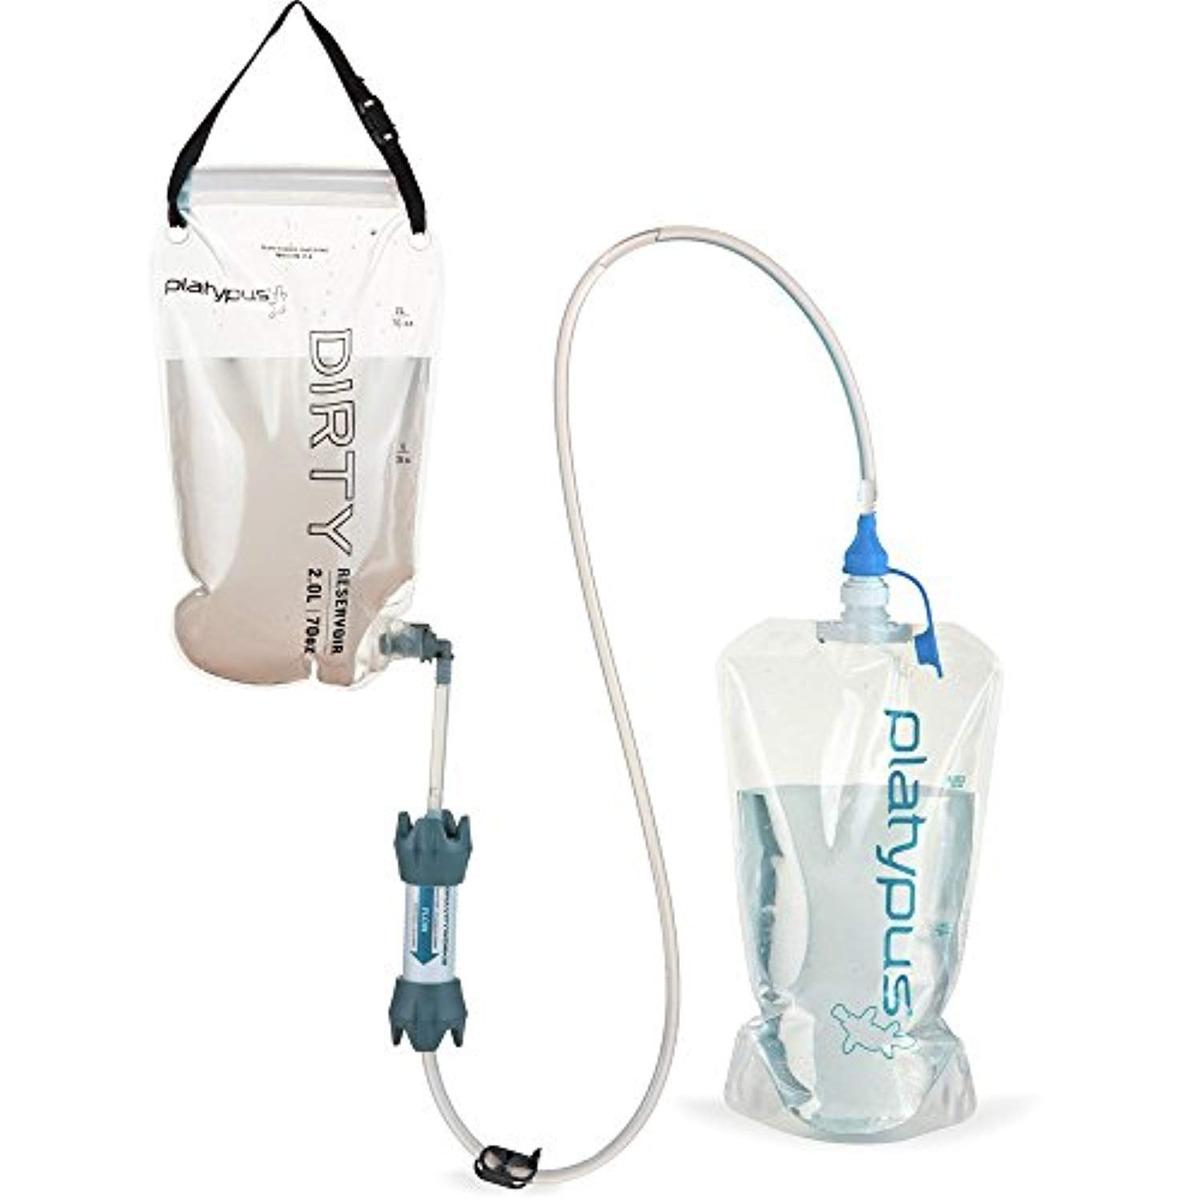 Platypus Manguera 2,0 Litro Acampada y senderismo Accesorios para mochilas